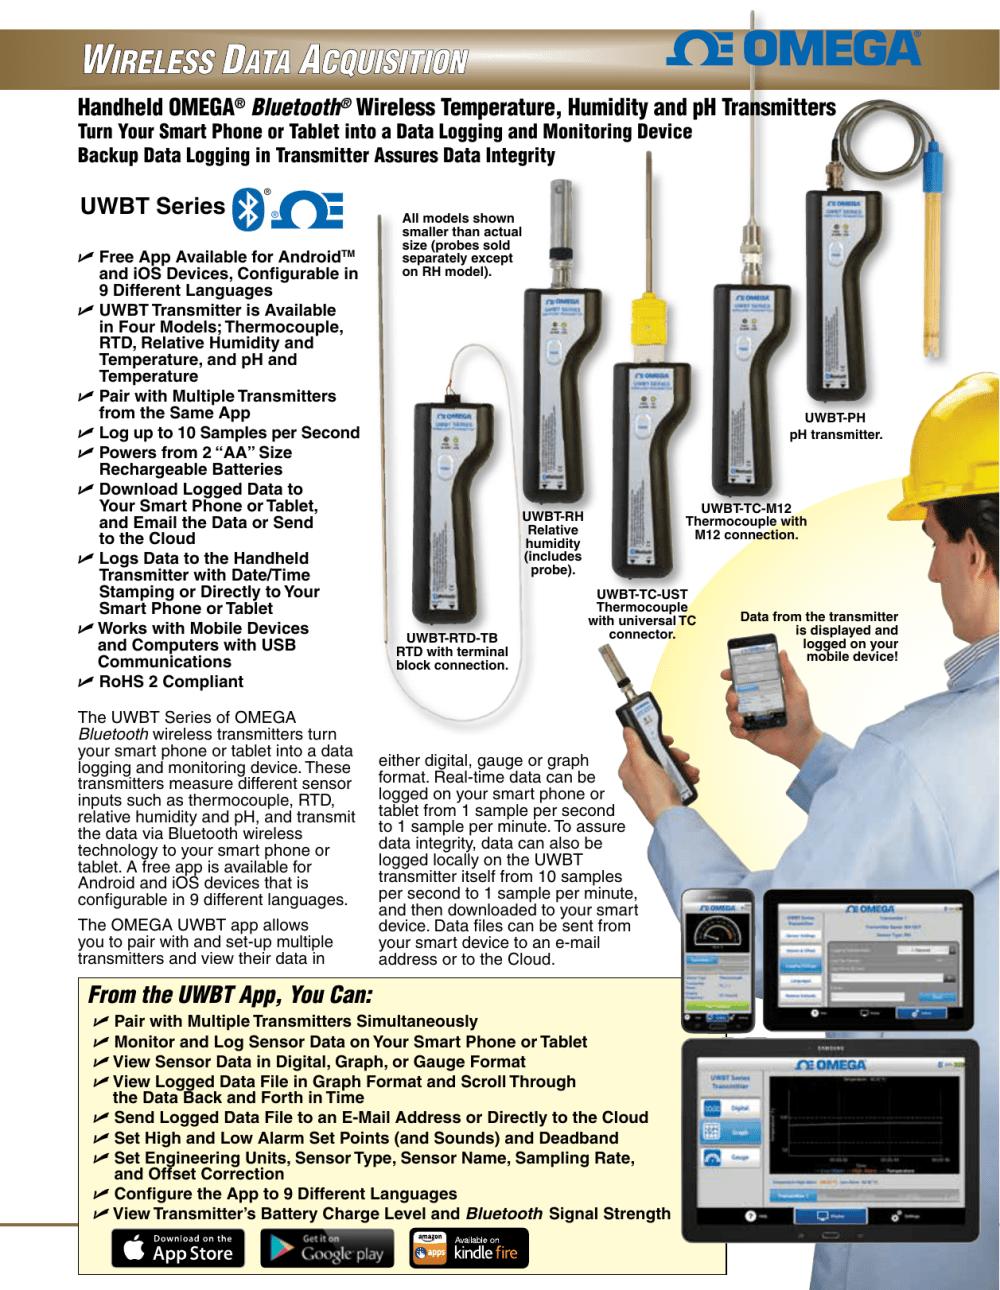 medium resolution of handheld omega bluetooth wireless temperature humidity